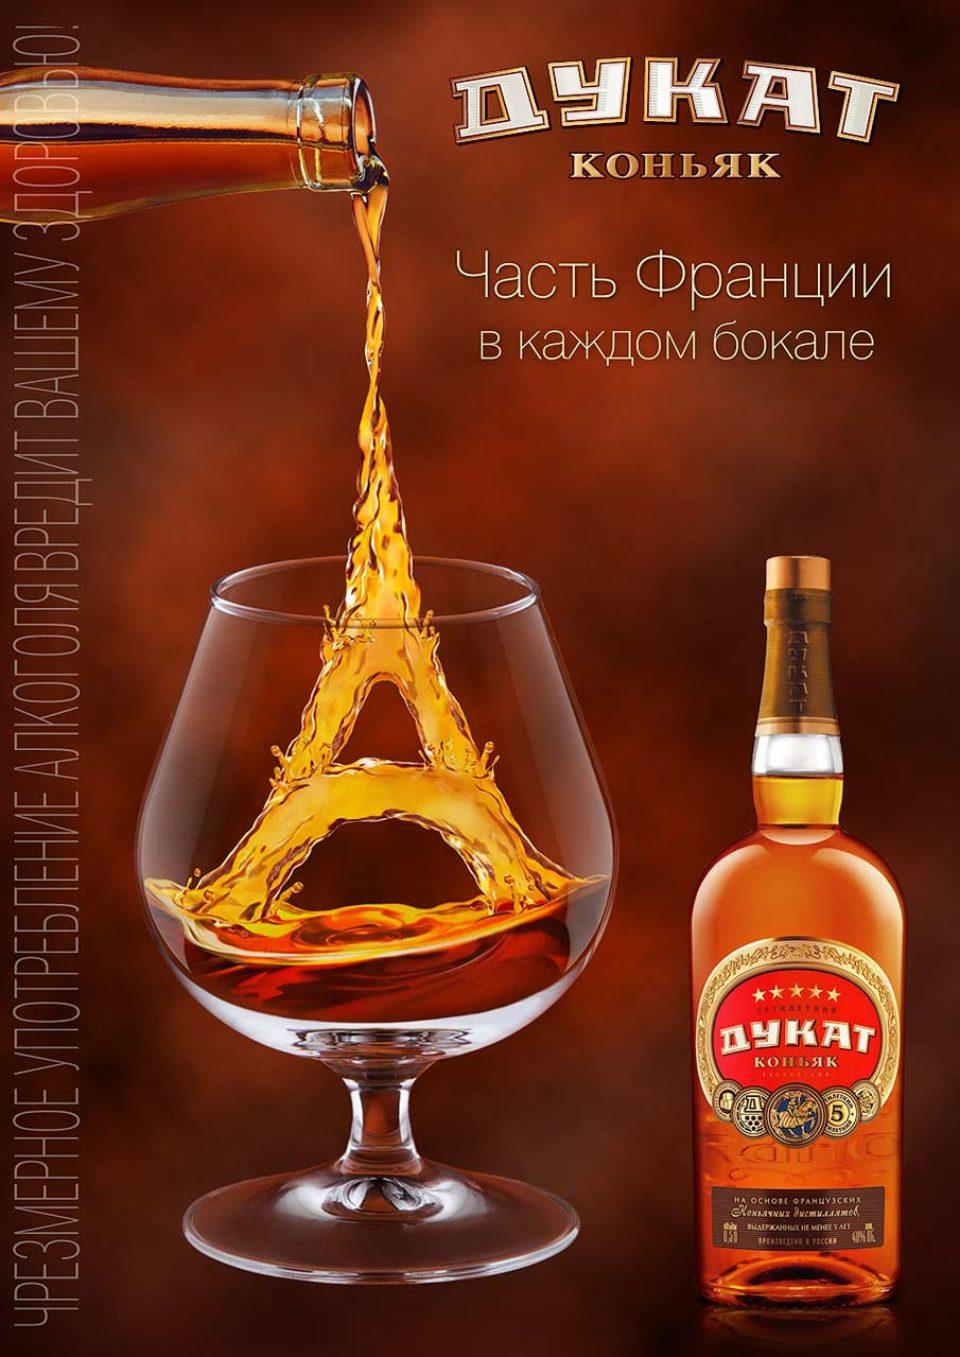 Реклама коньяка